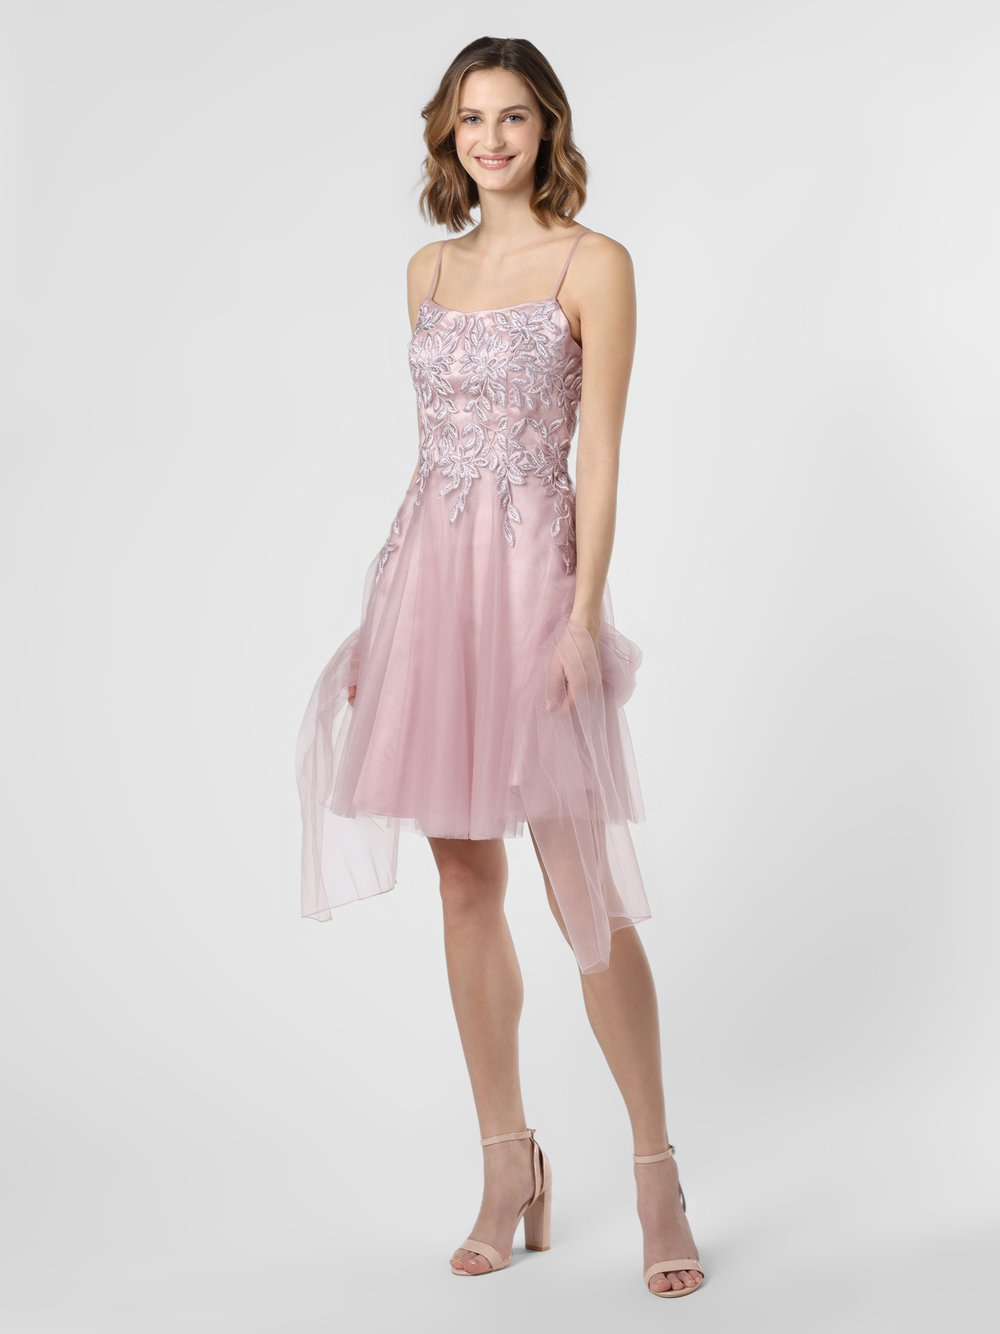 Luxuar Fashion – Damska sukienka wieczorowa z etolą, różowy Van Graaf 469743-0001-00340